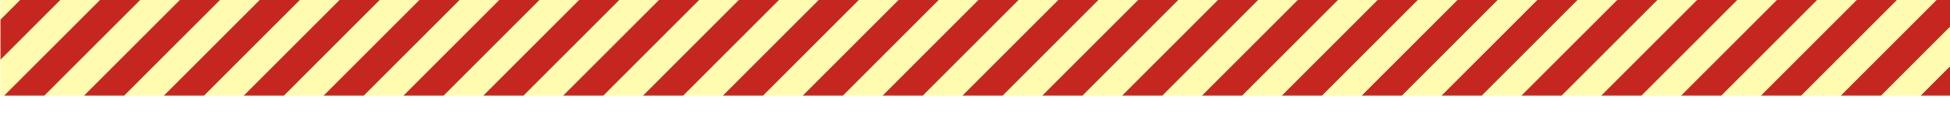 Taśma fotoluminescencyjna czerwona (10 x 100 cm)